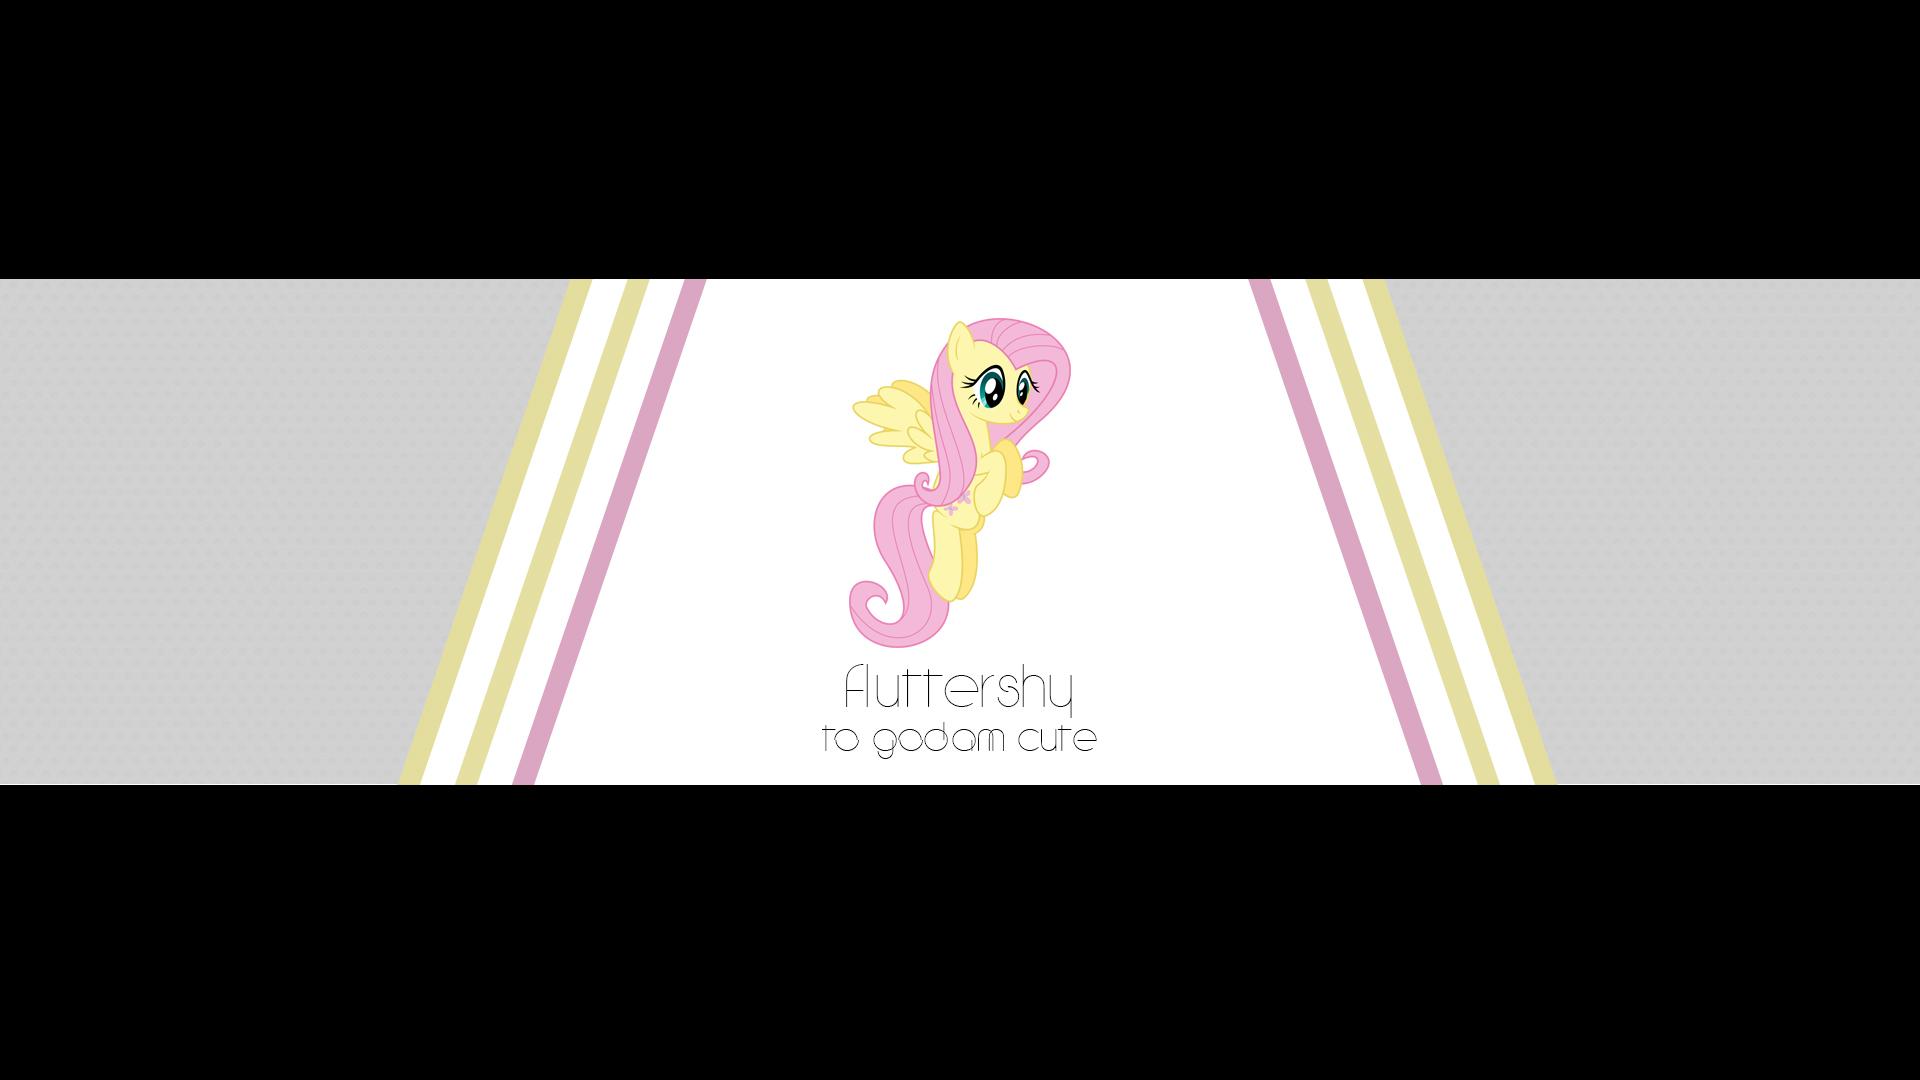 1080p fluttershy by christheholy on deviantart